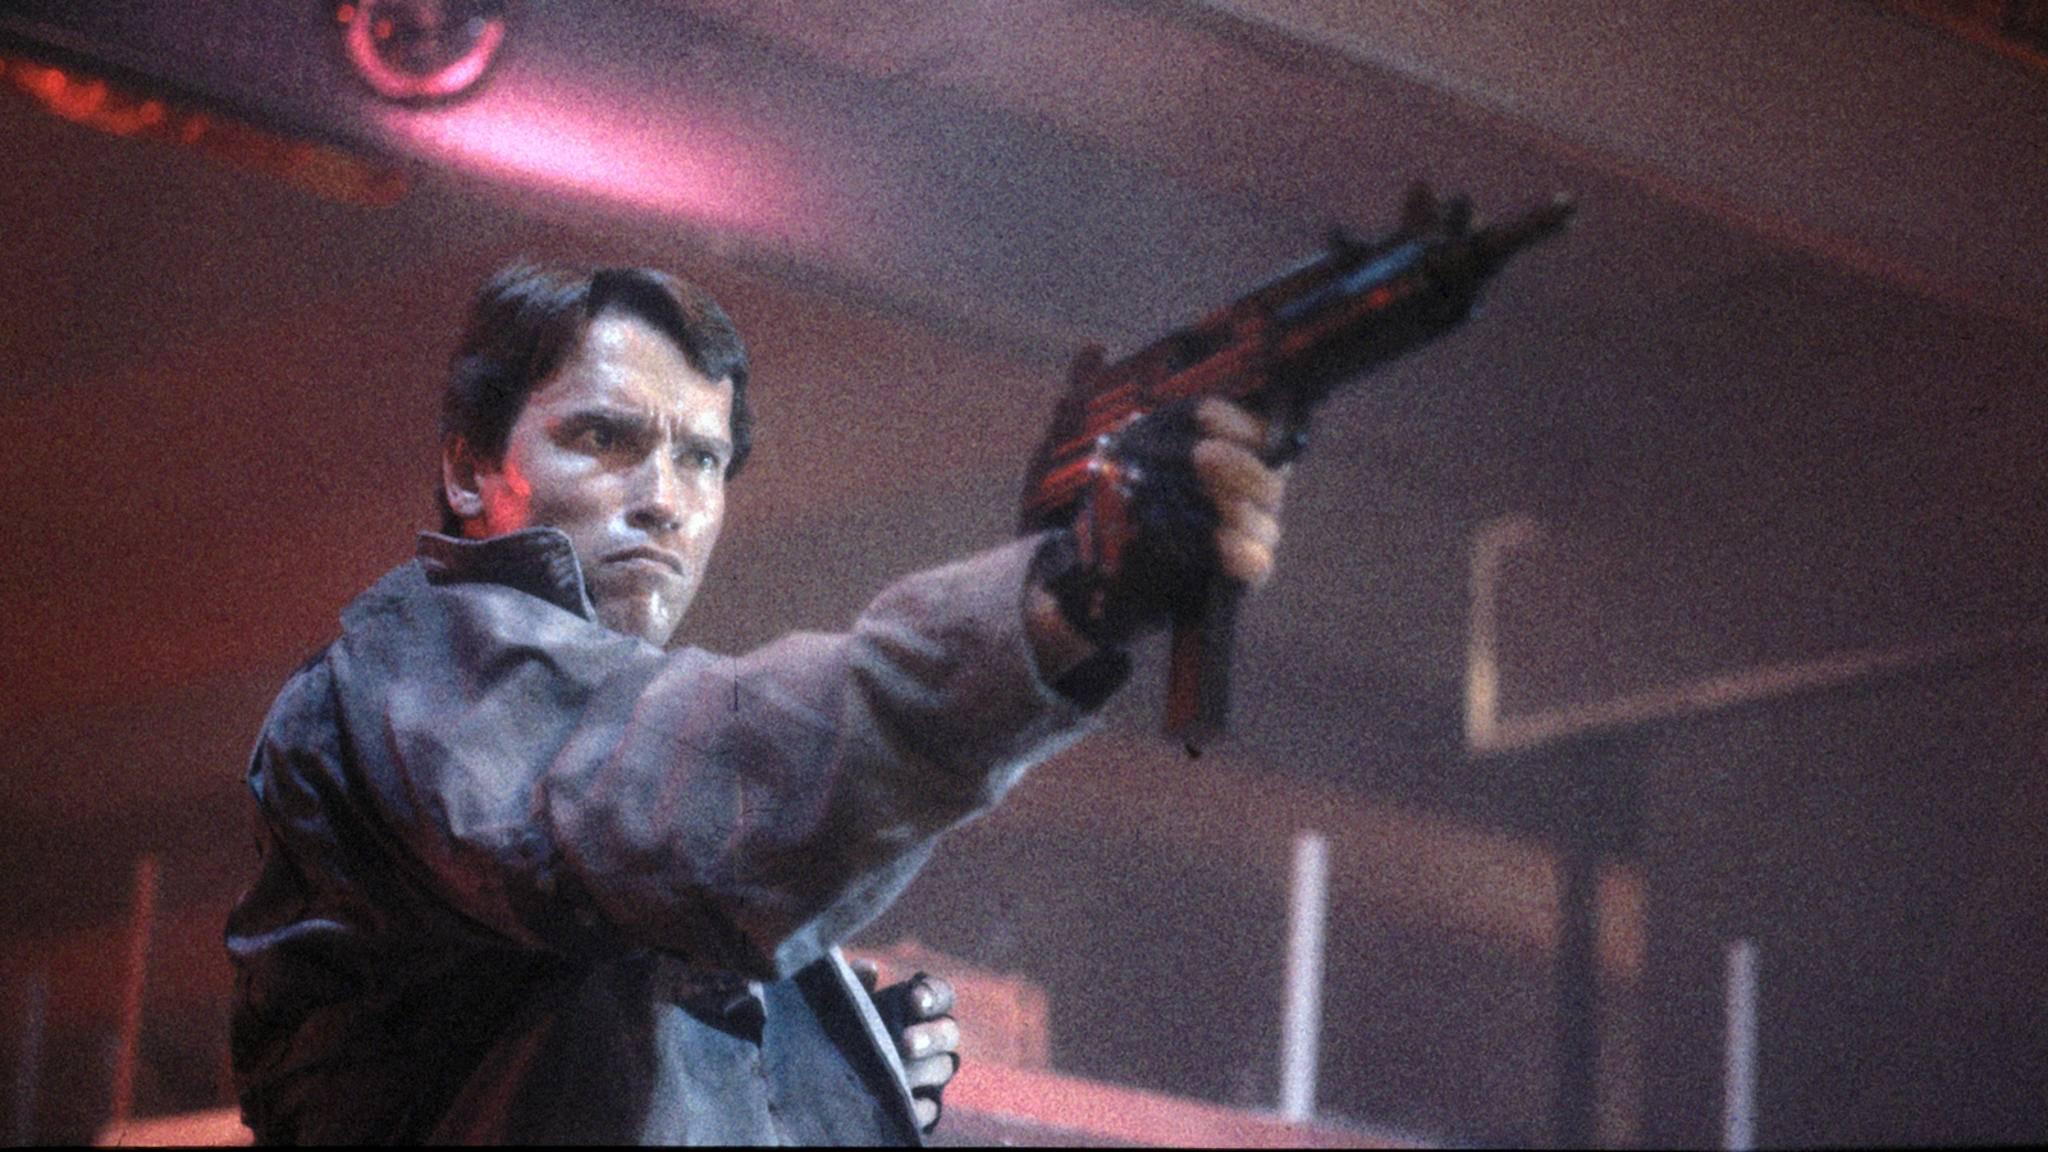 Best of Arnie: In seinen bekanntesten Filmen lässt es Schwarzenegger gerne krachen.